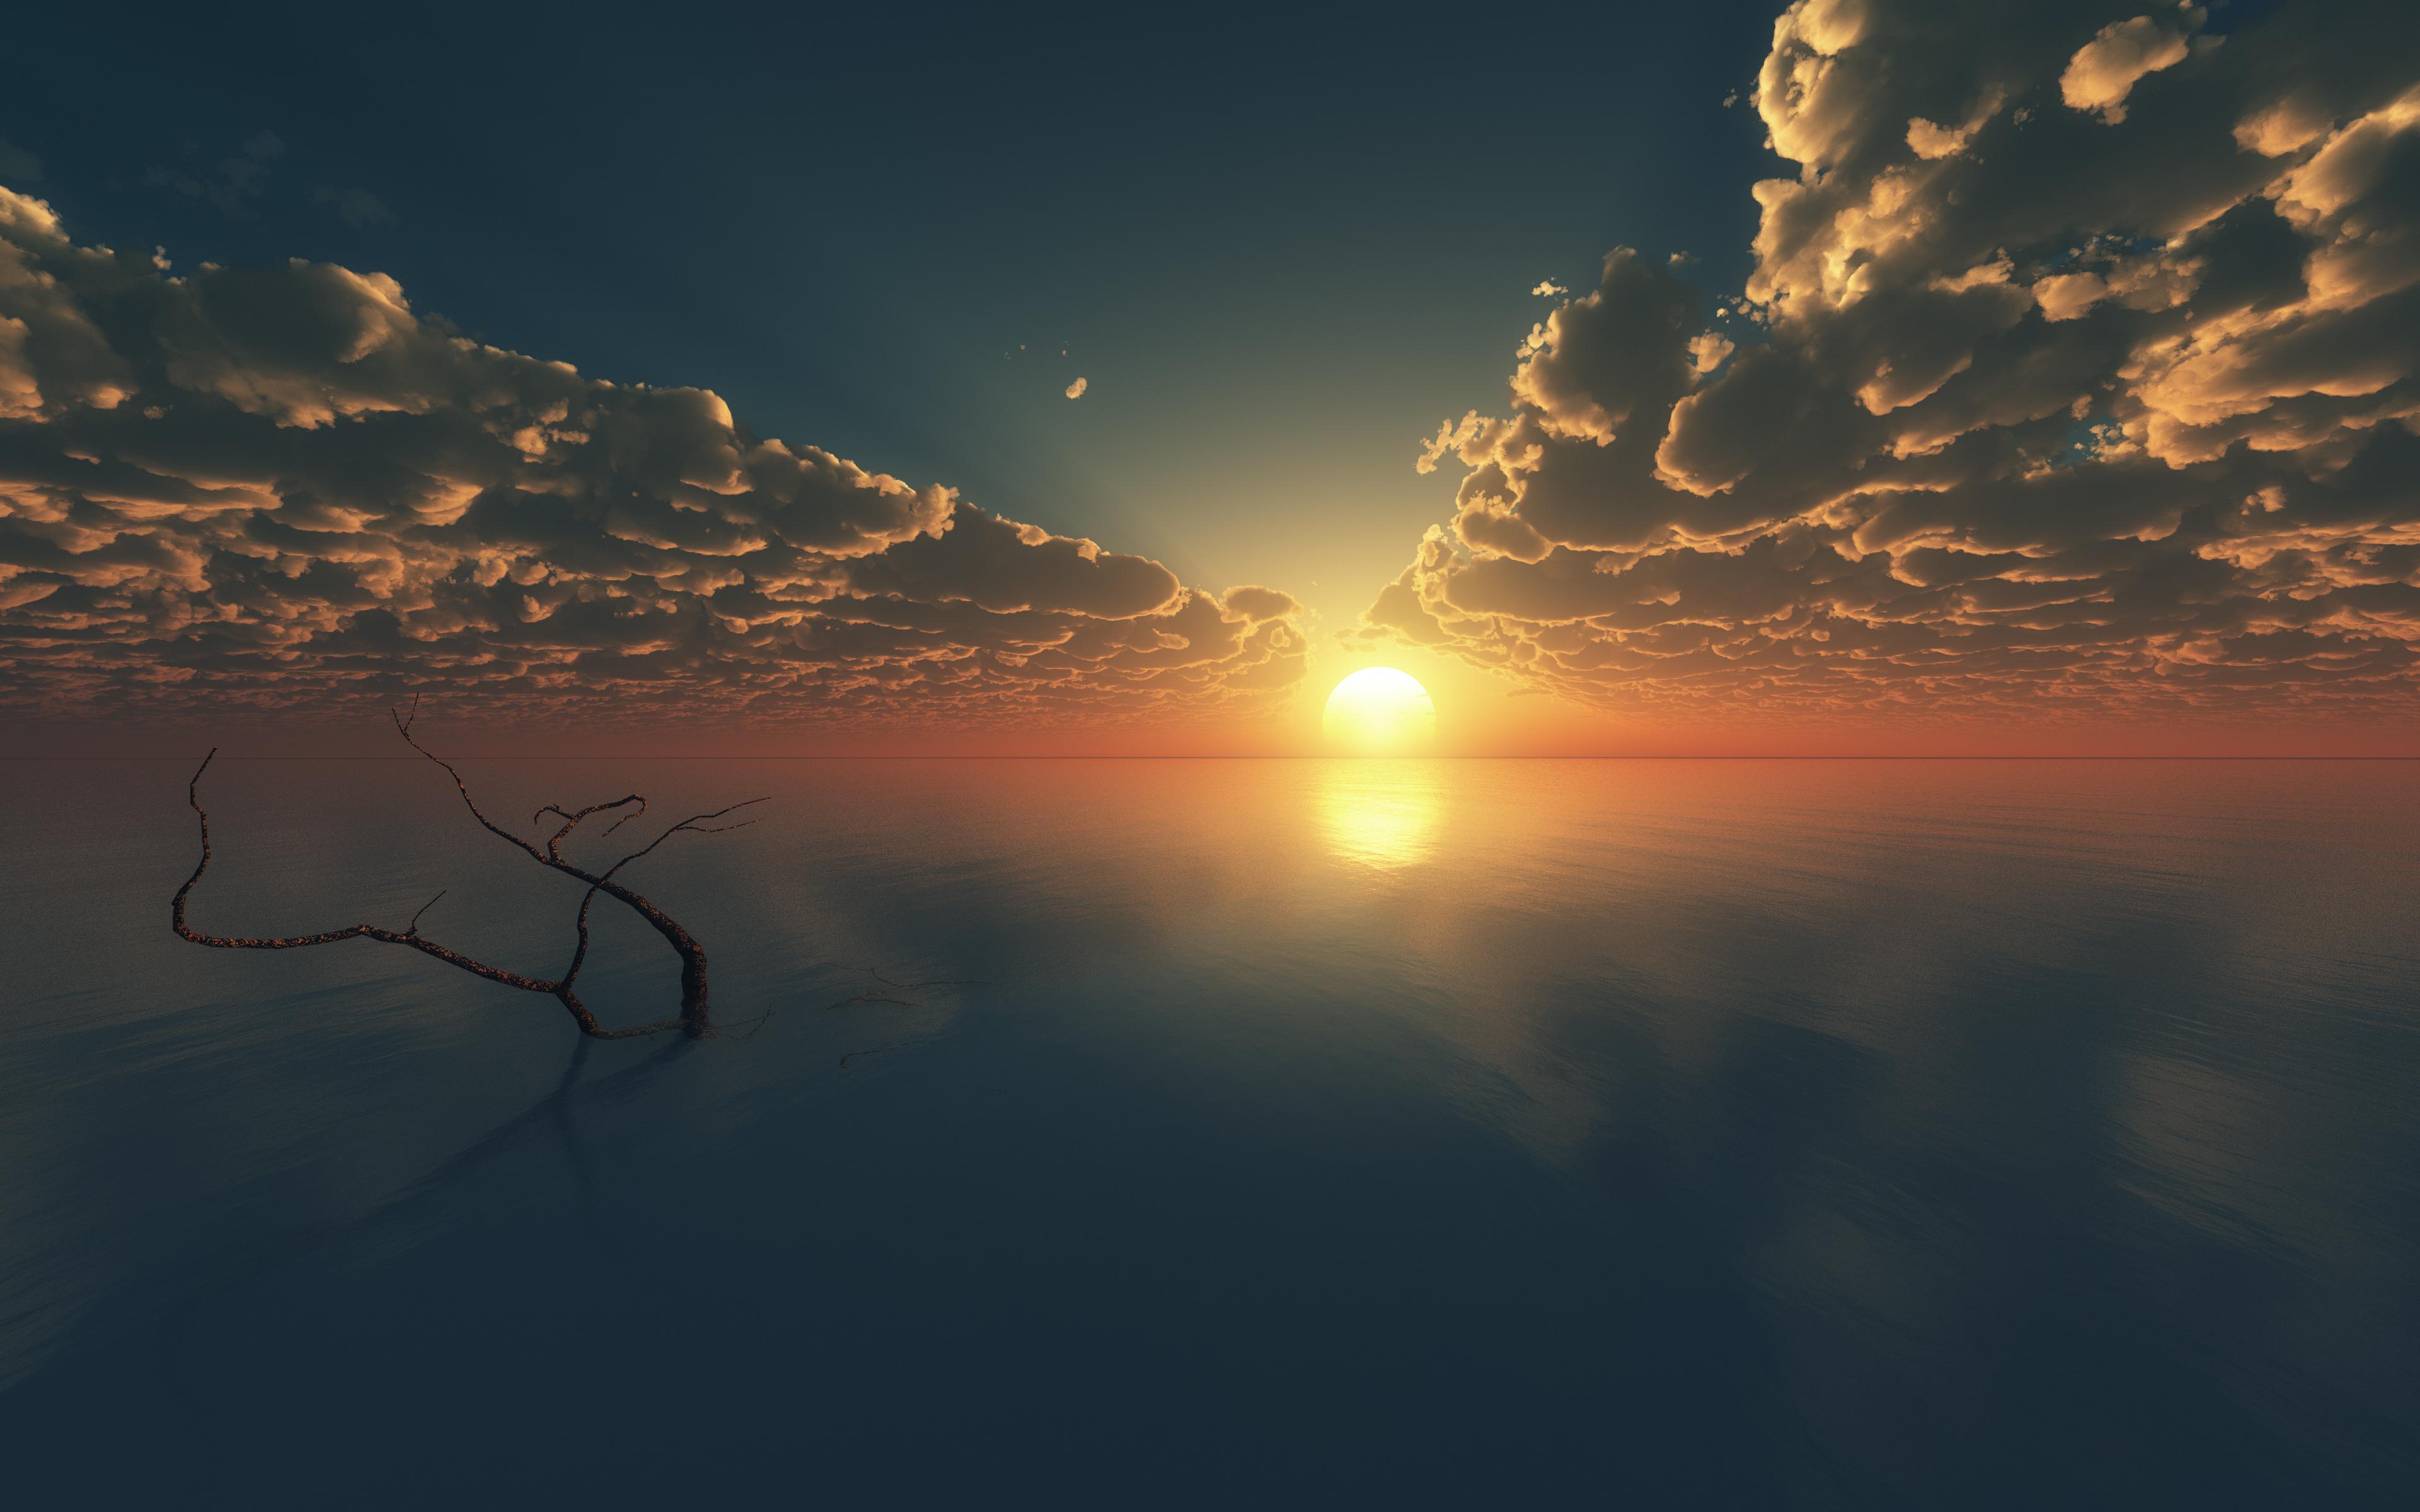 背景 壁纸 风景 天空 桌面 3840_2400